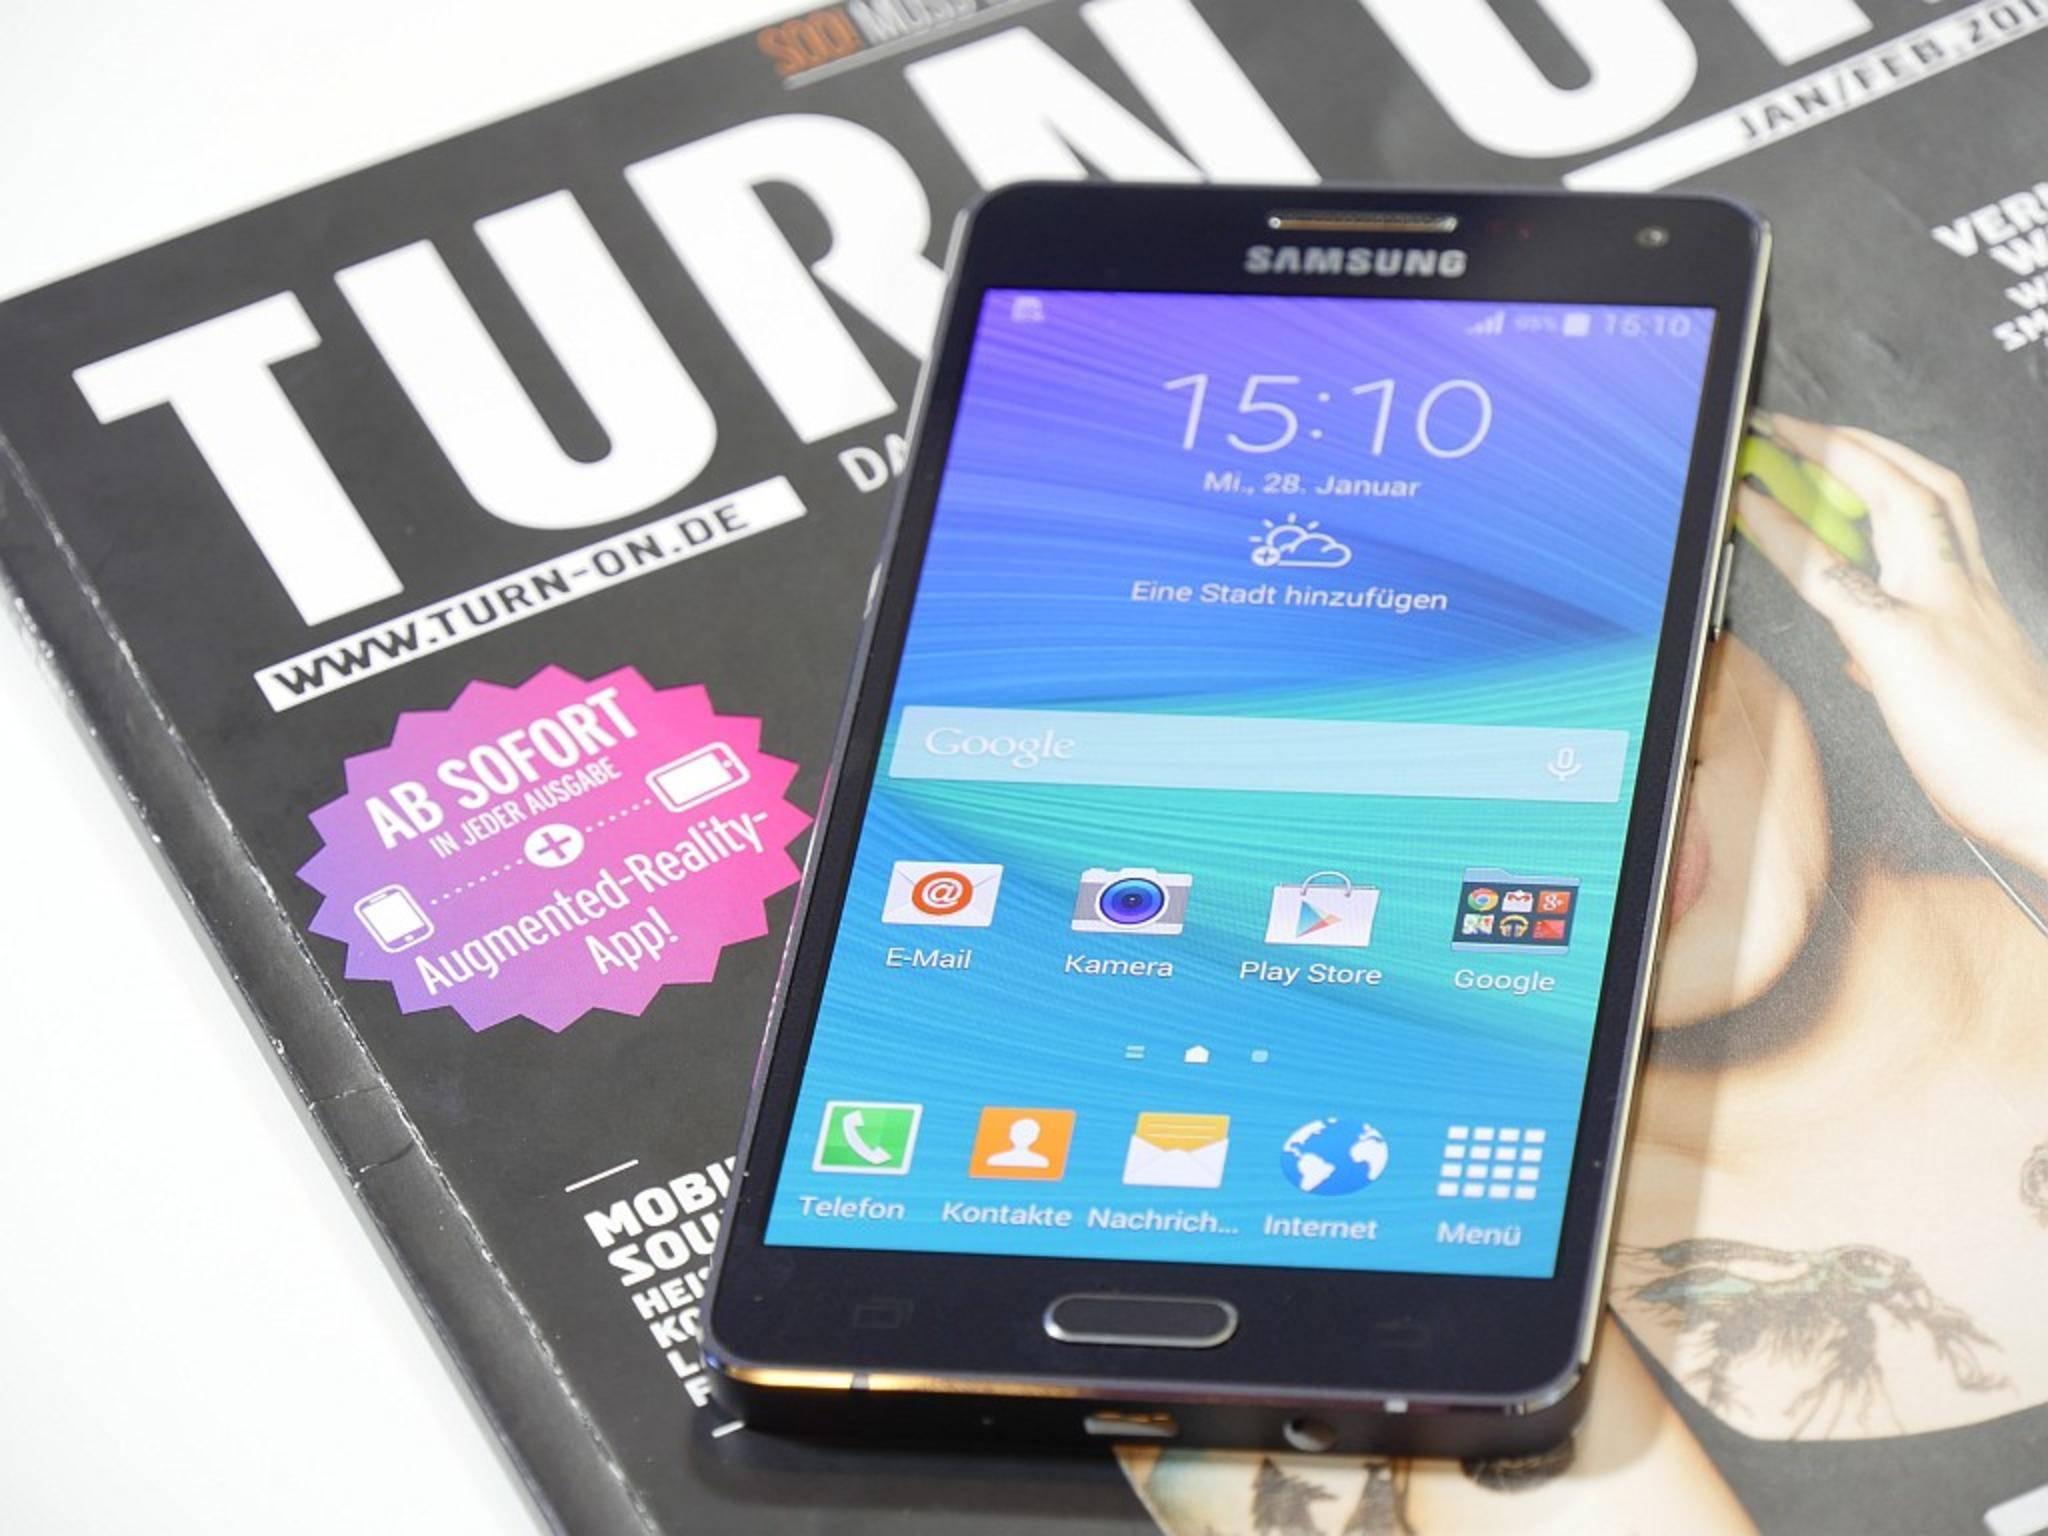 Das Display ist Samsung-typisch brillant, könnte aber etwas heller sein.